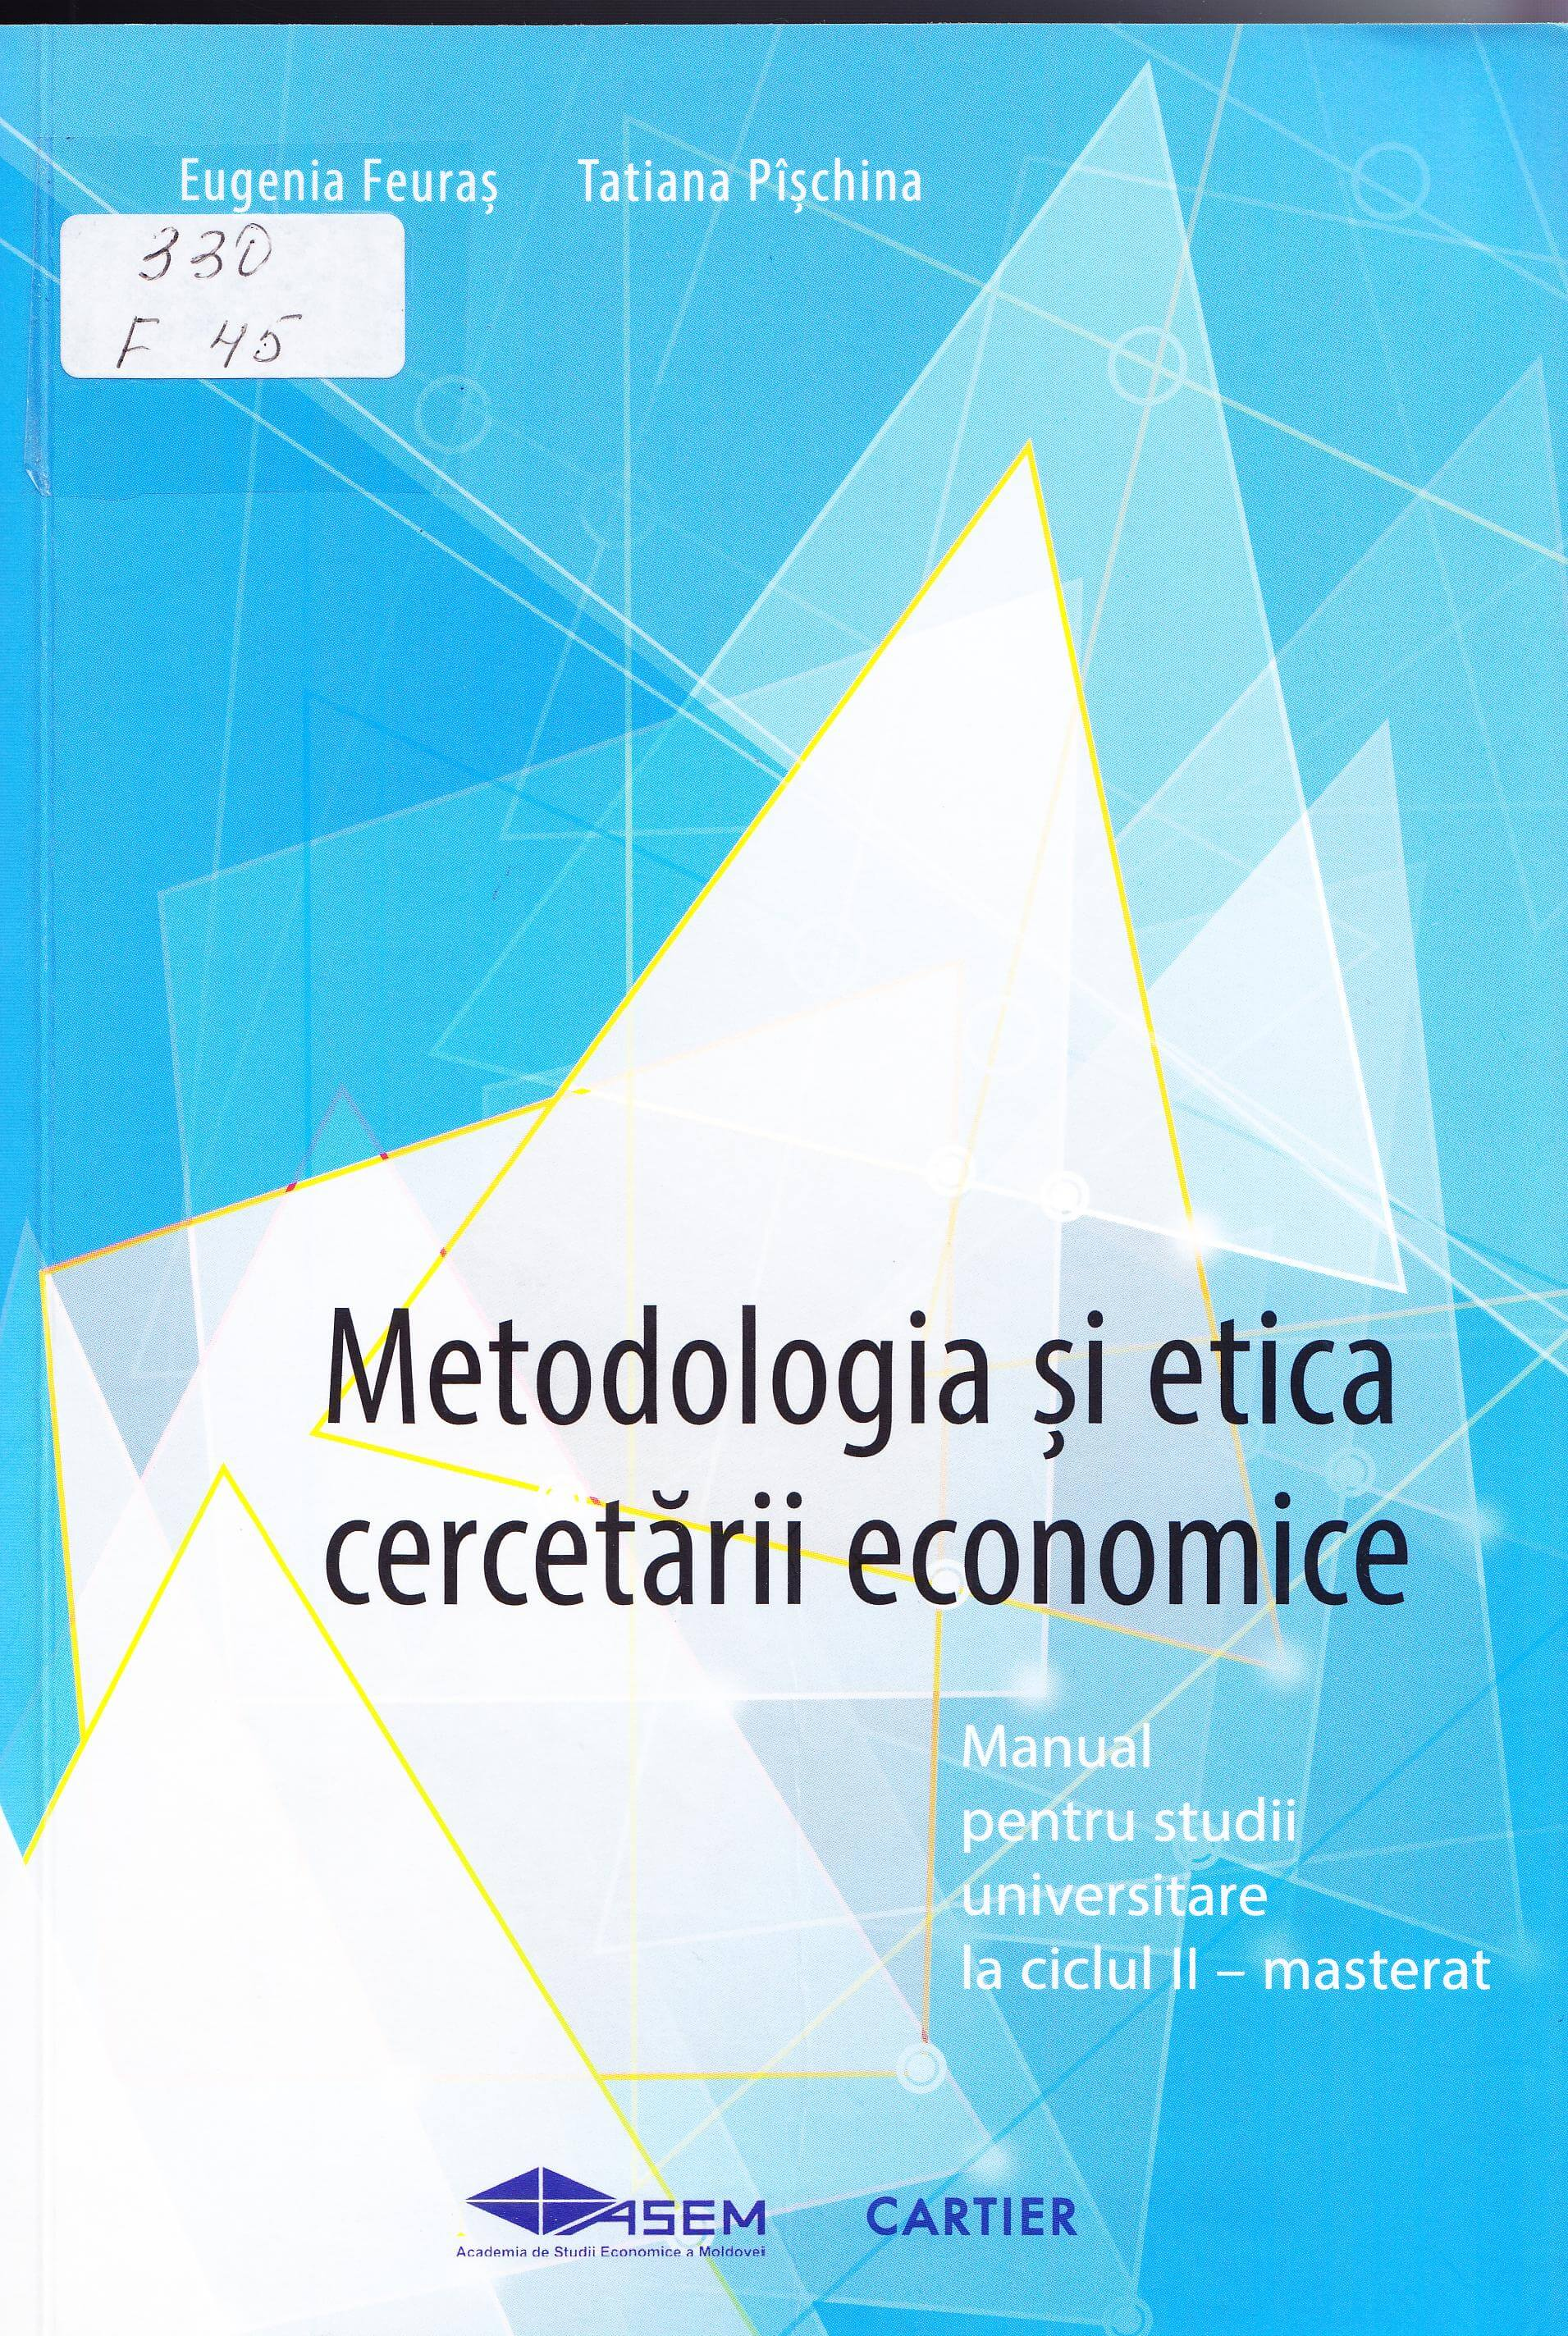 Metodologia şi etica cercetării economice: Manual pentru studii universitare la ciclul 2 – masterat.